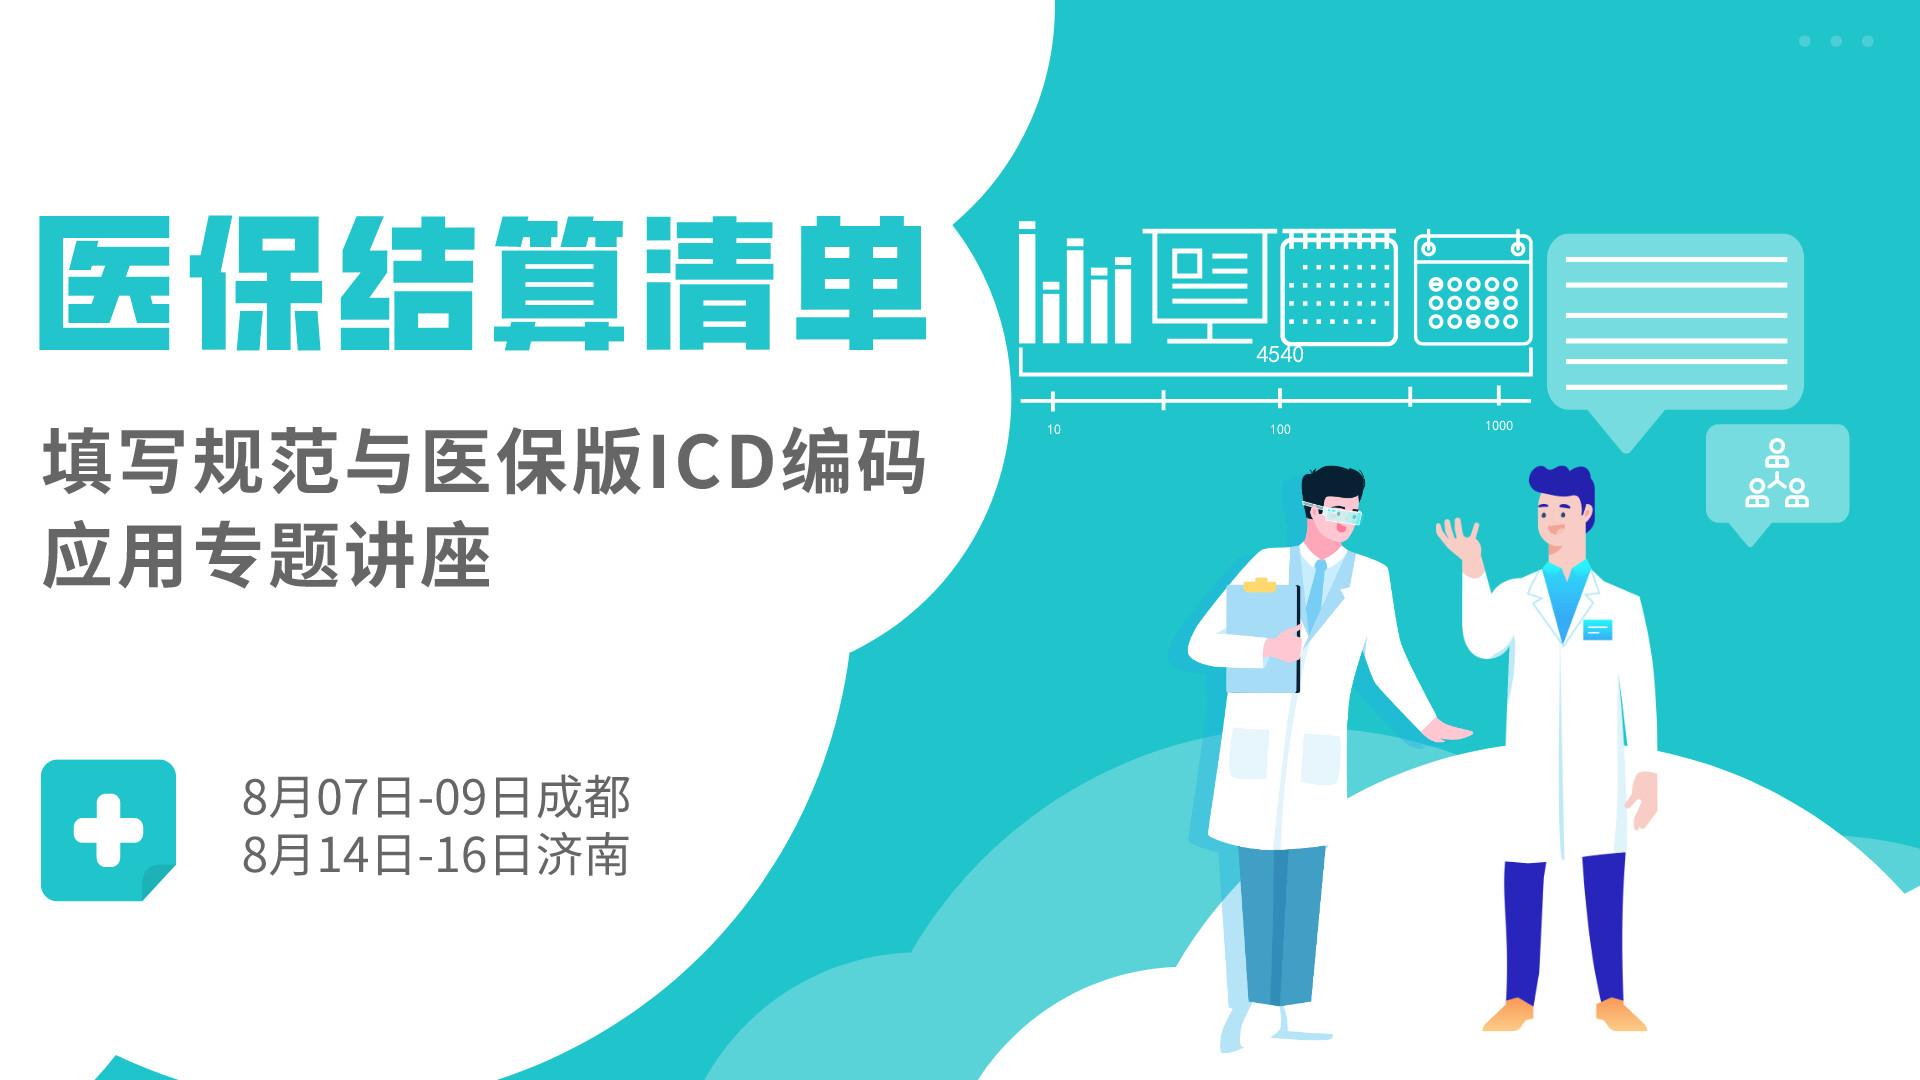 医保基金结算清单填写规范与医保版ICD编码应用专题讲座